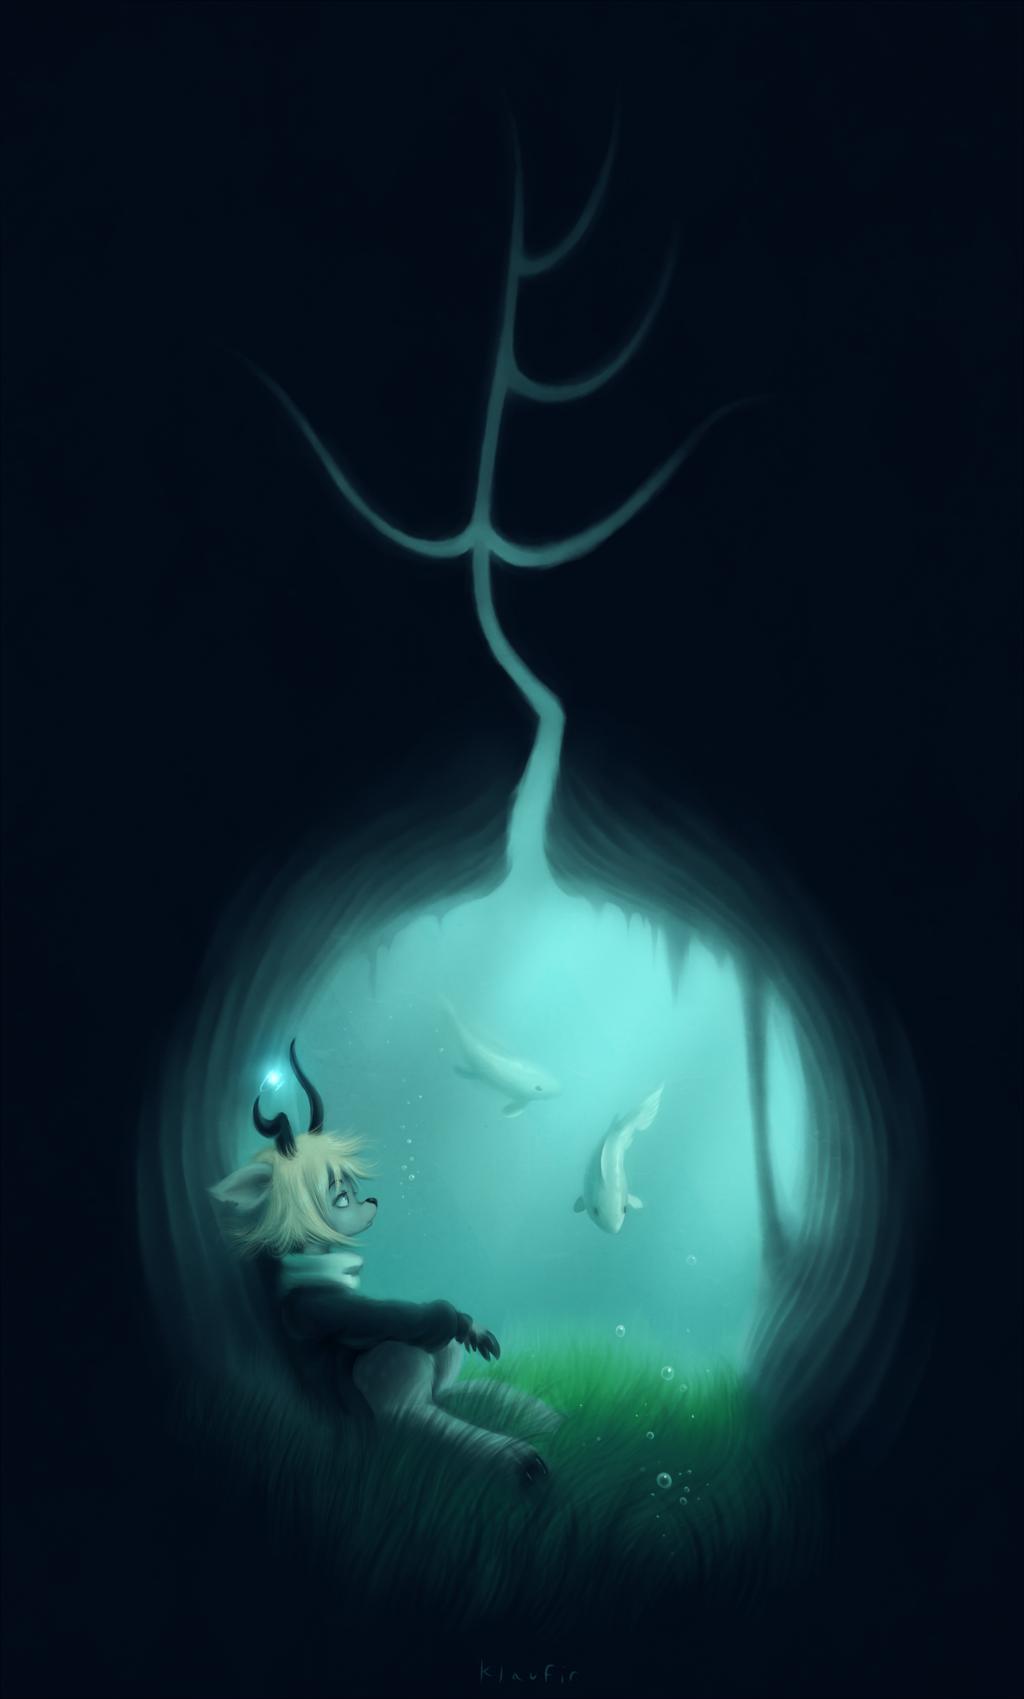 Green Grass of Tunnel by Klaufir